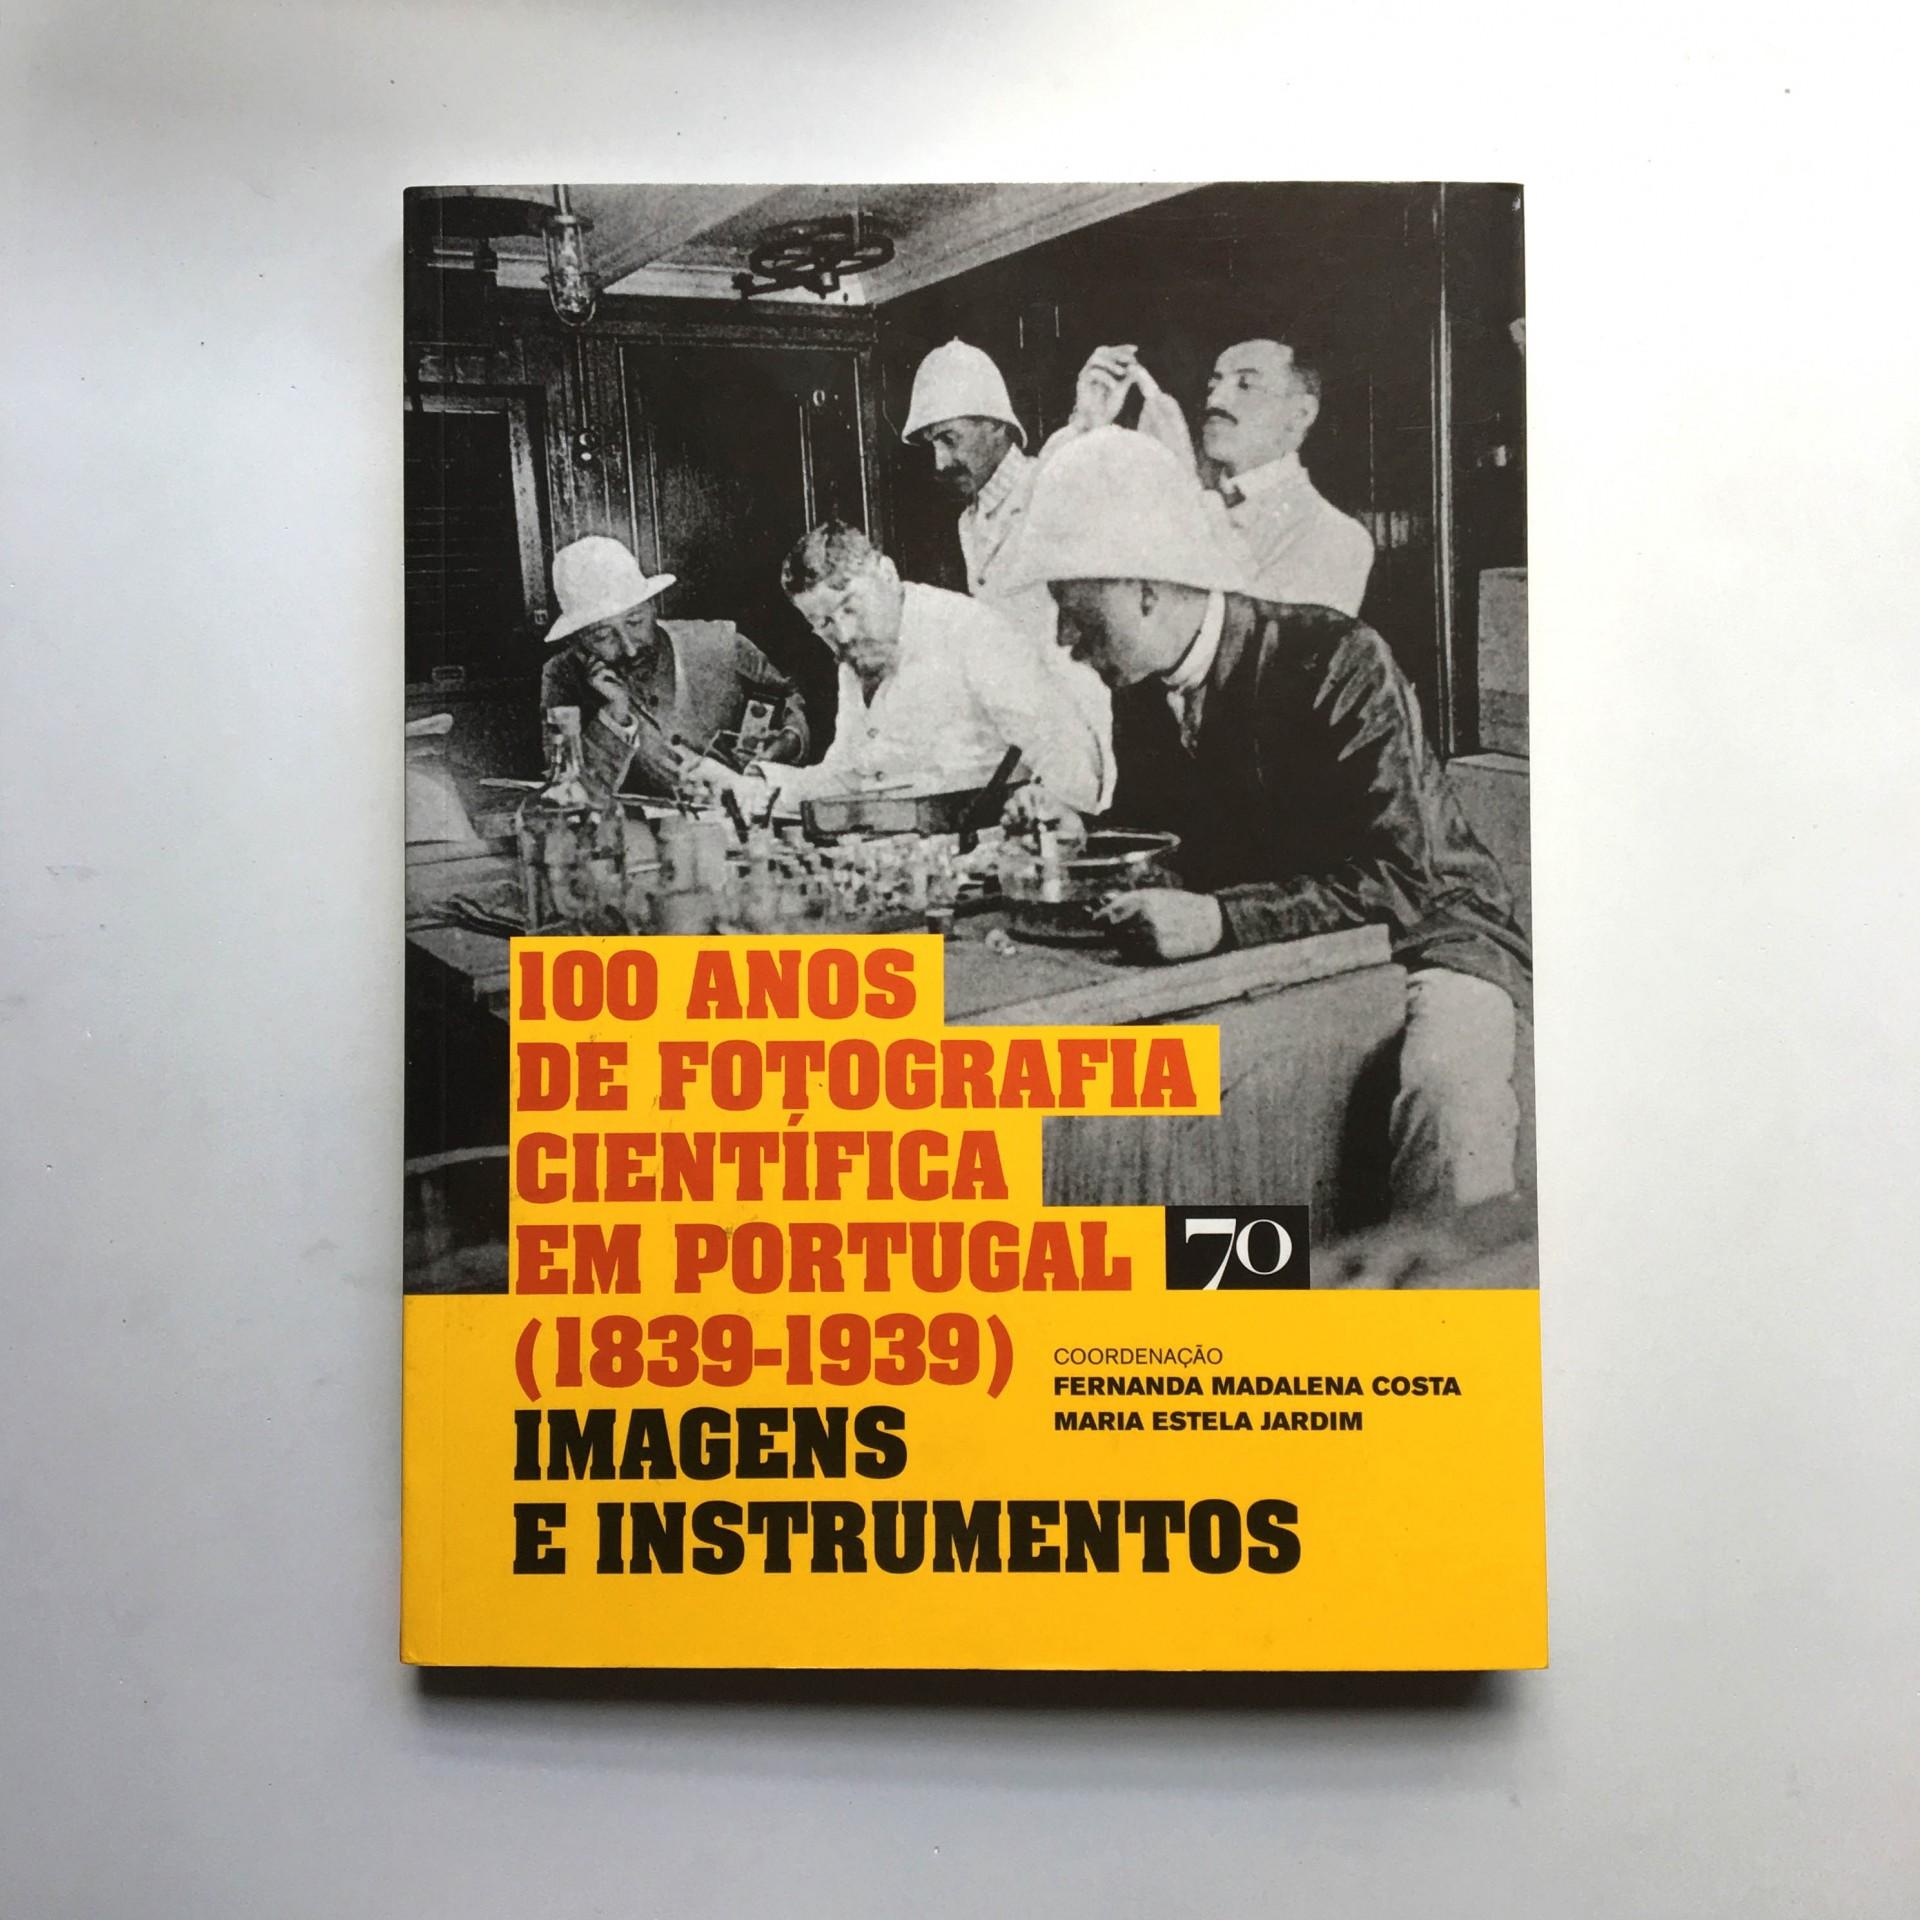 100 Anos da Fotografia Científica em Portugal (1839-1939): imagens e instrumentos